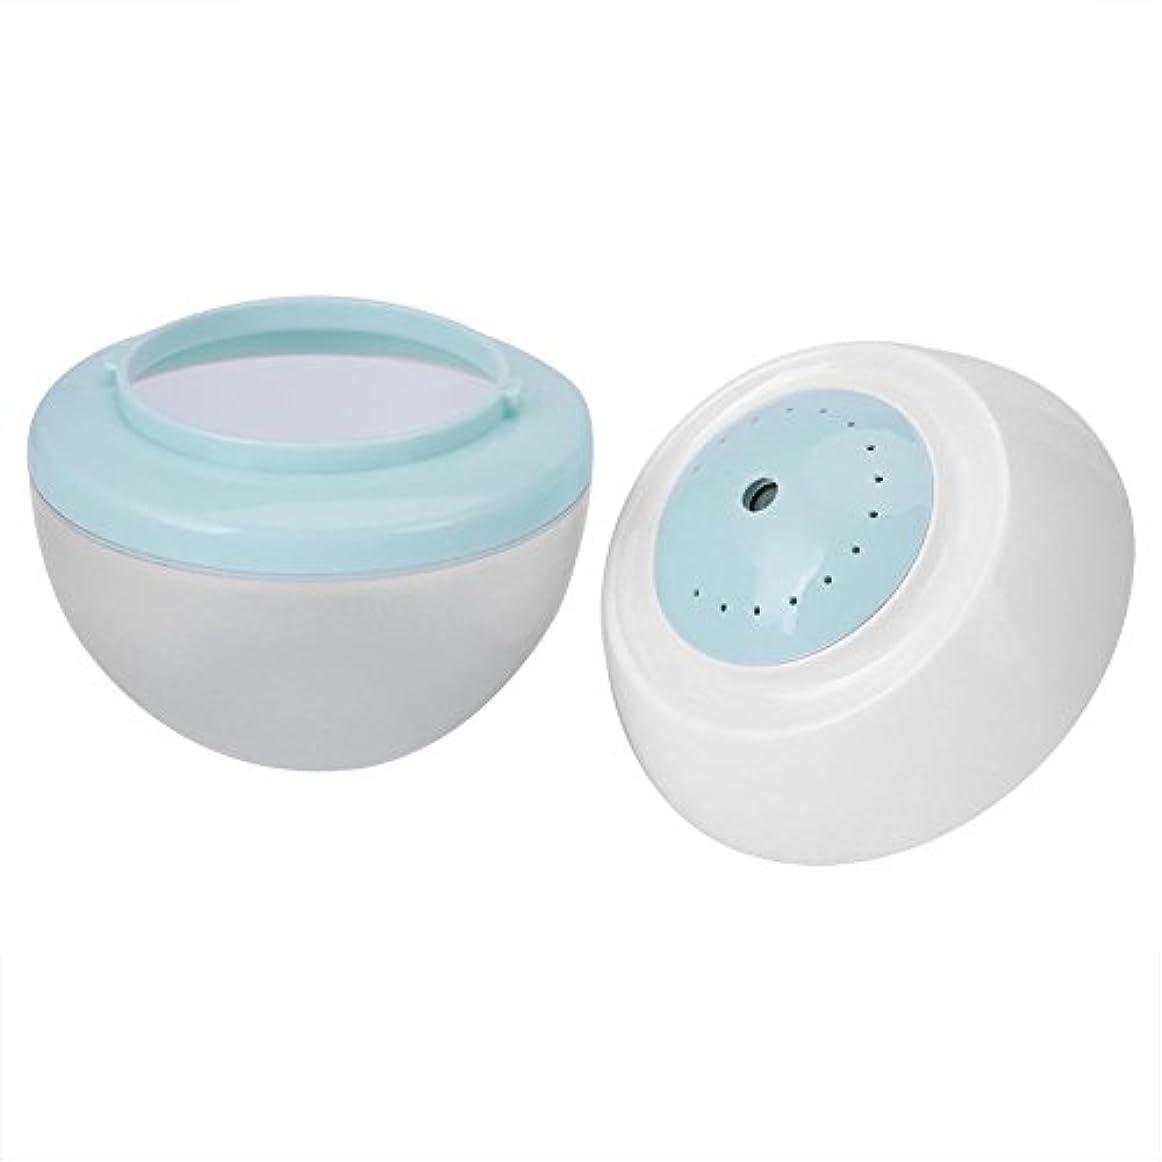 熱意顔料ぶどうクールミスト加湿器、500ML 7色LED超音波加湿器冷気オイルディフューザー清浄器ホームオフィスルーム用ホームホールハウスベビールーム(ピンク)